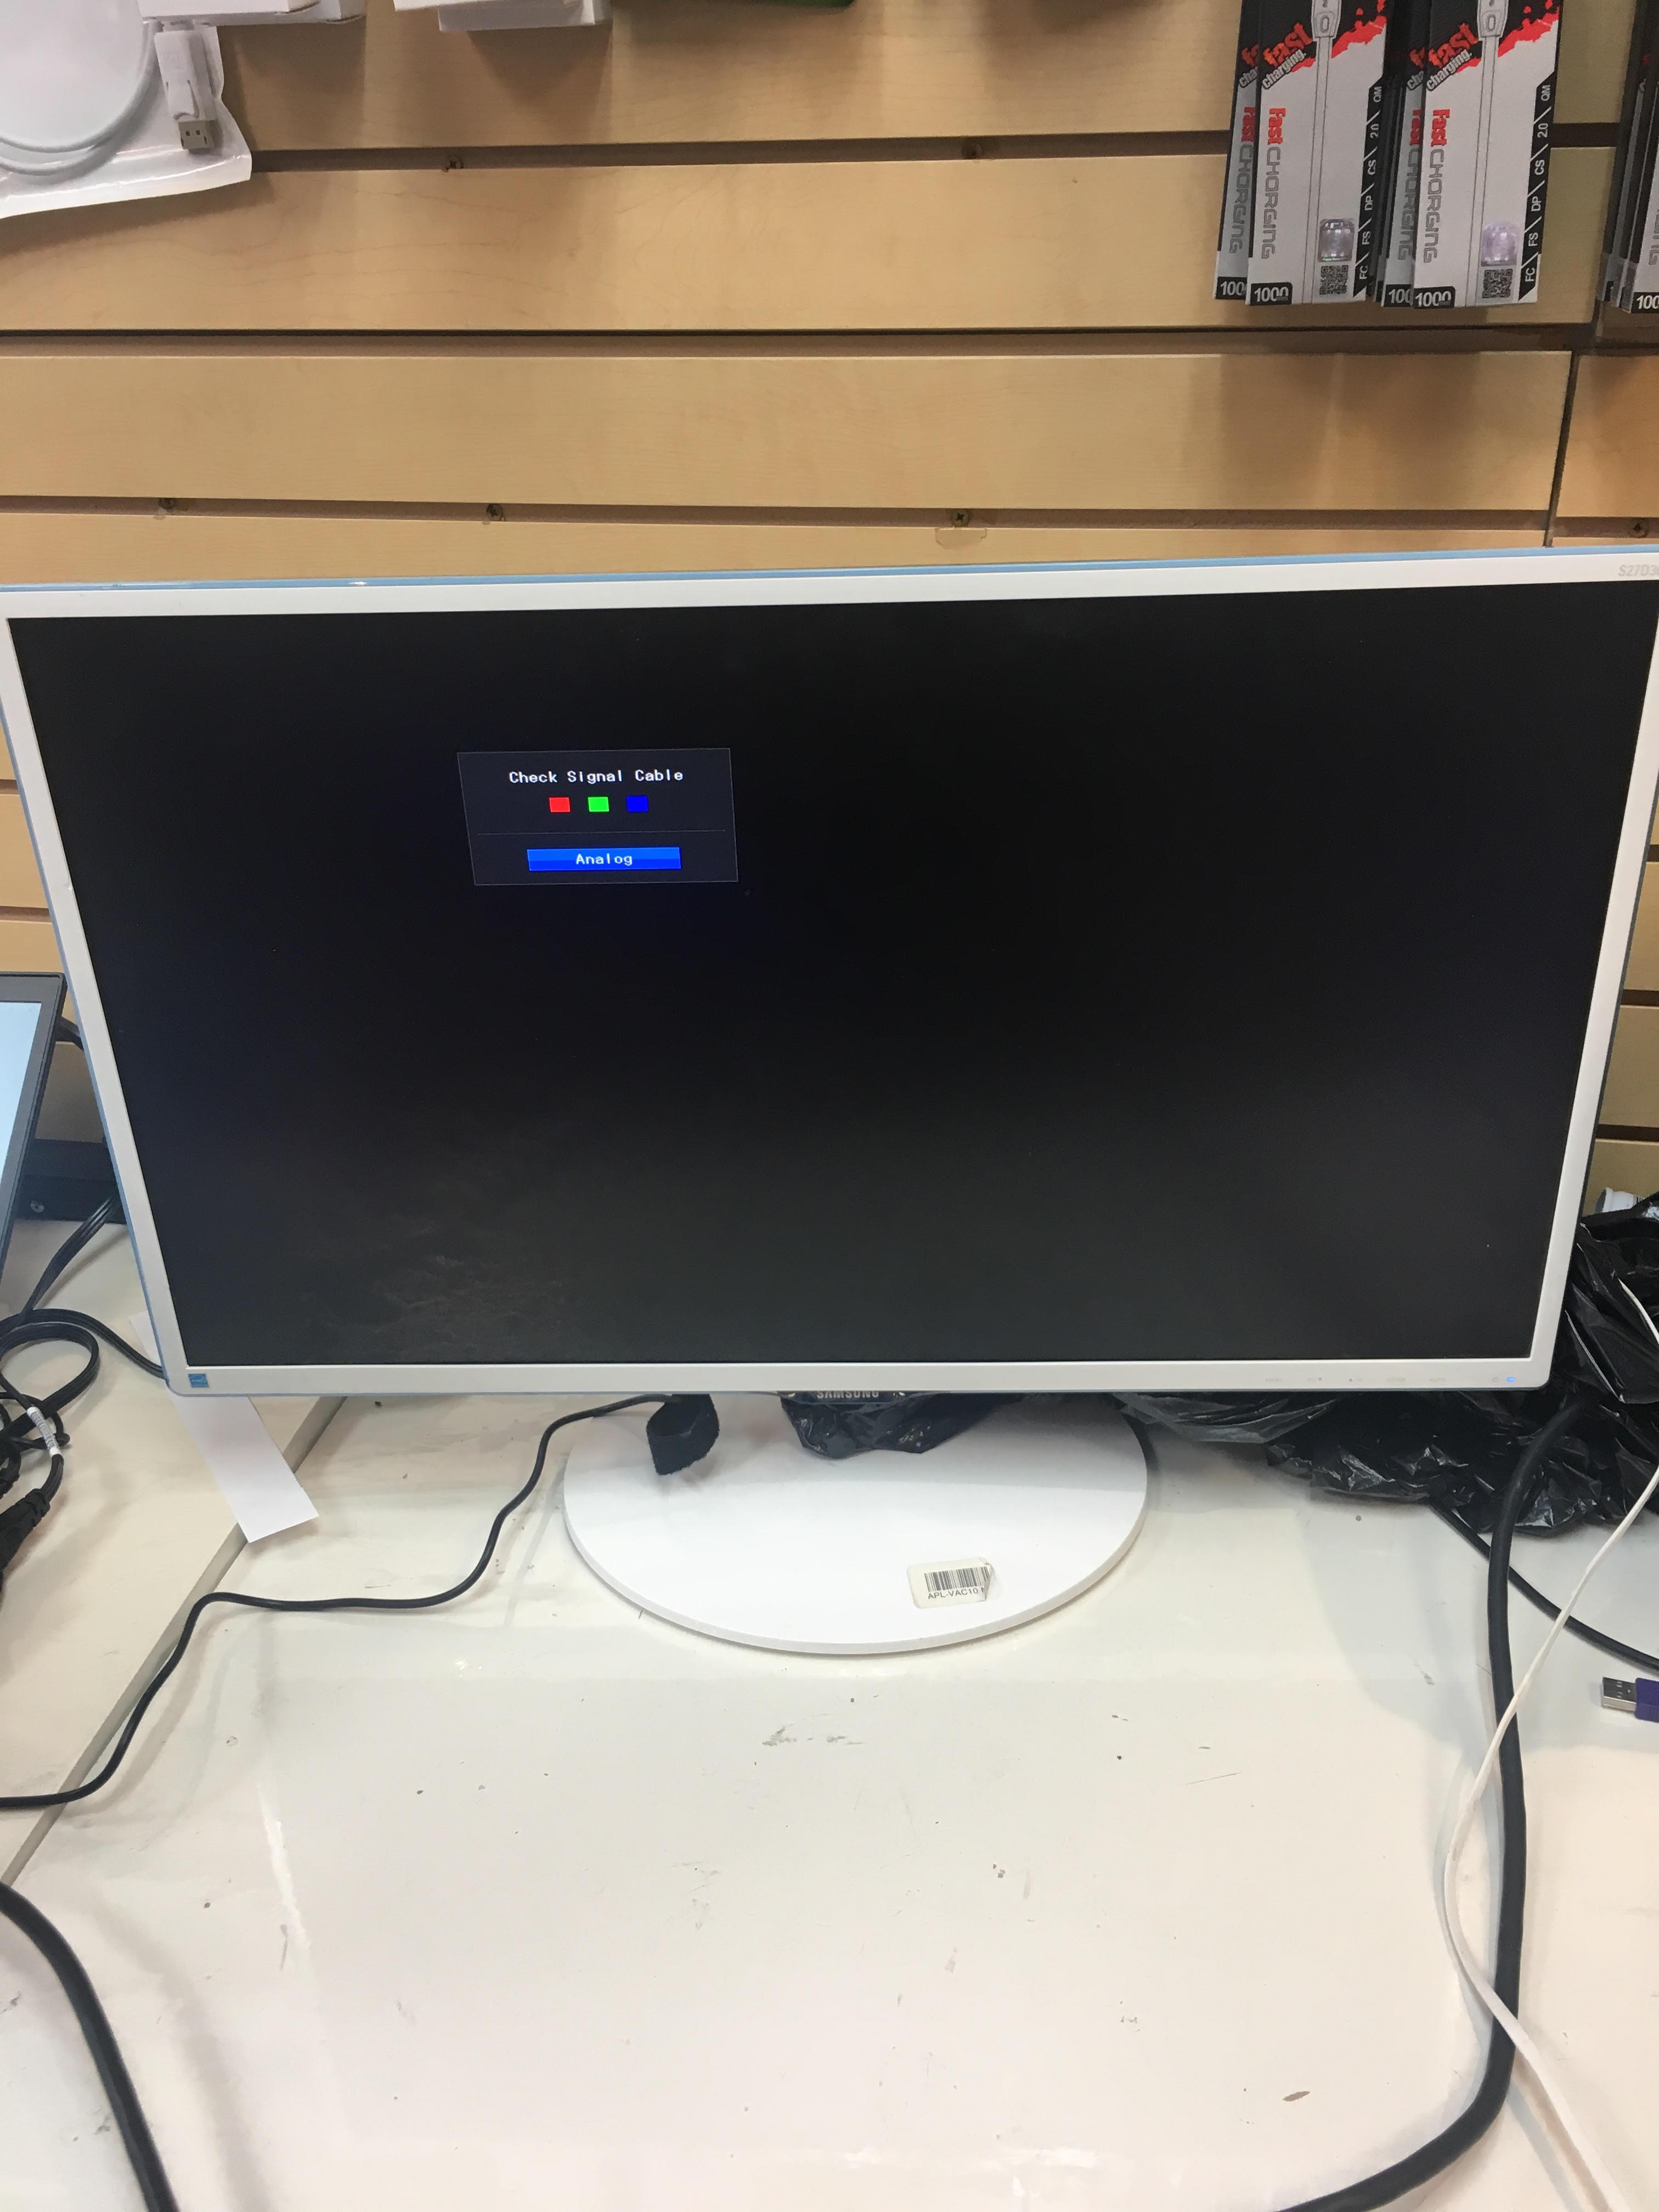 monitor repair toronto - samsung monitor repair